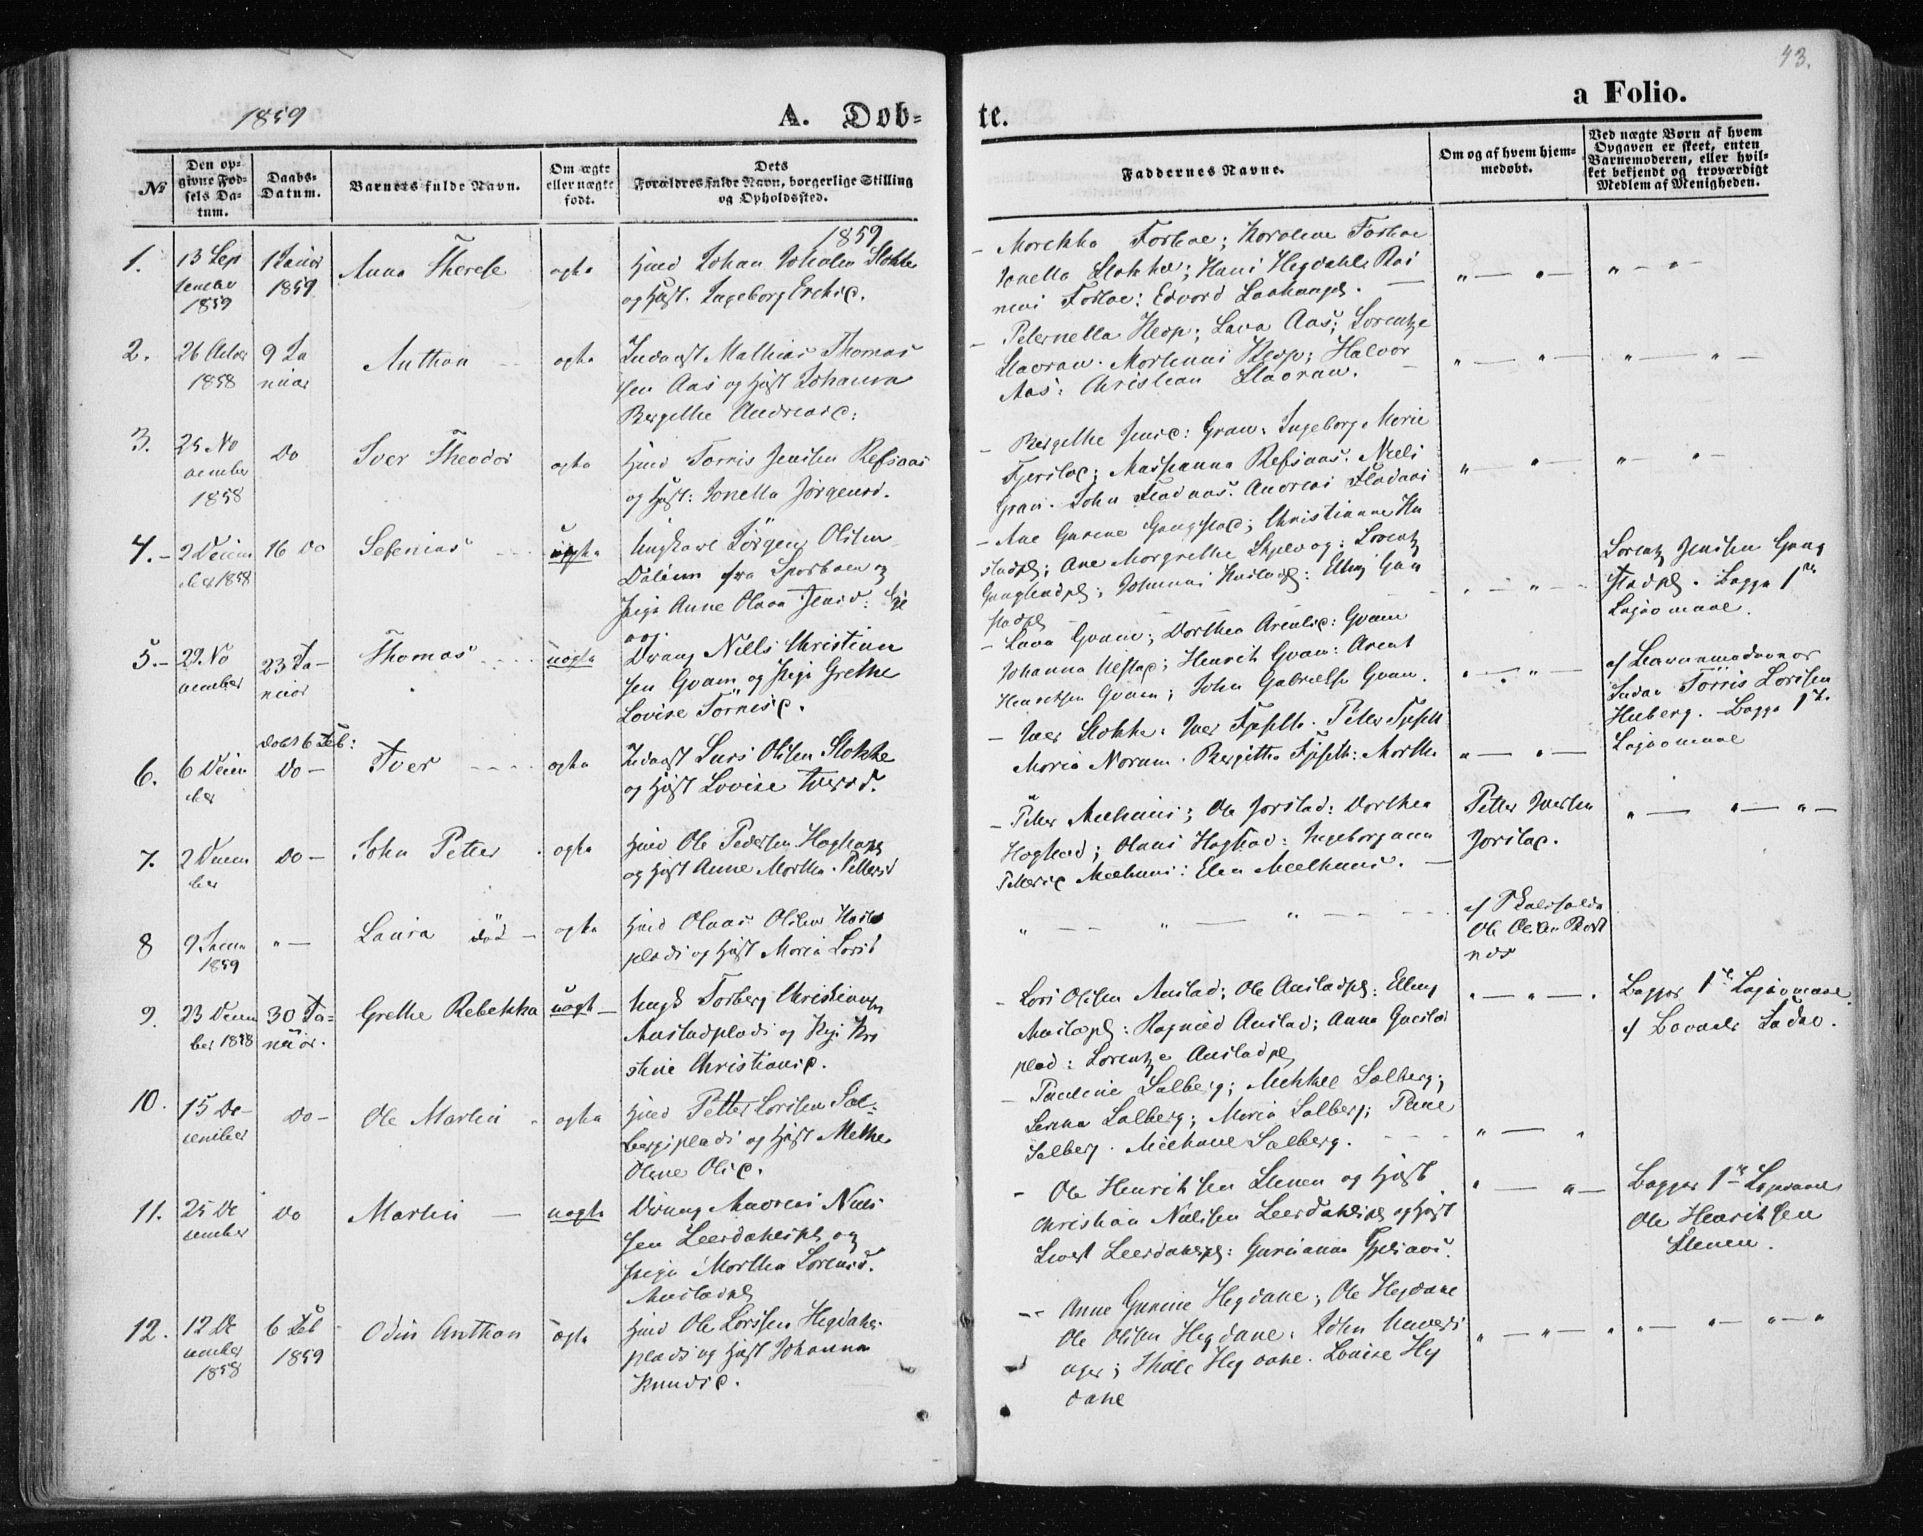 SAT, Ministerialprotokoller, klokkerbøker og fødselsregistre - Nord-Trøndelag, 730/L0283: Ministerialbok nr. 730A08, 1855-1865, s. 43